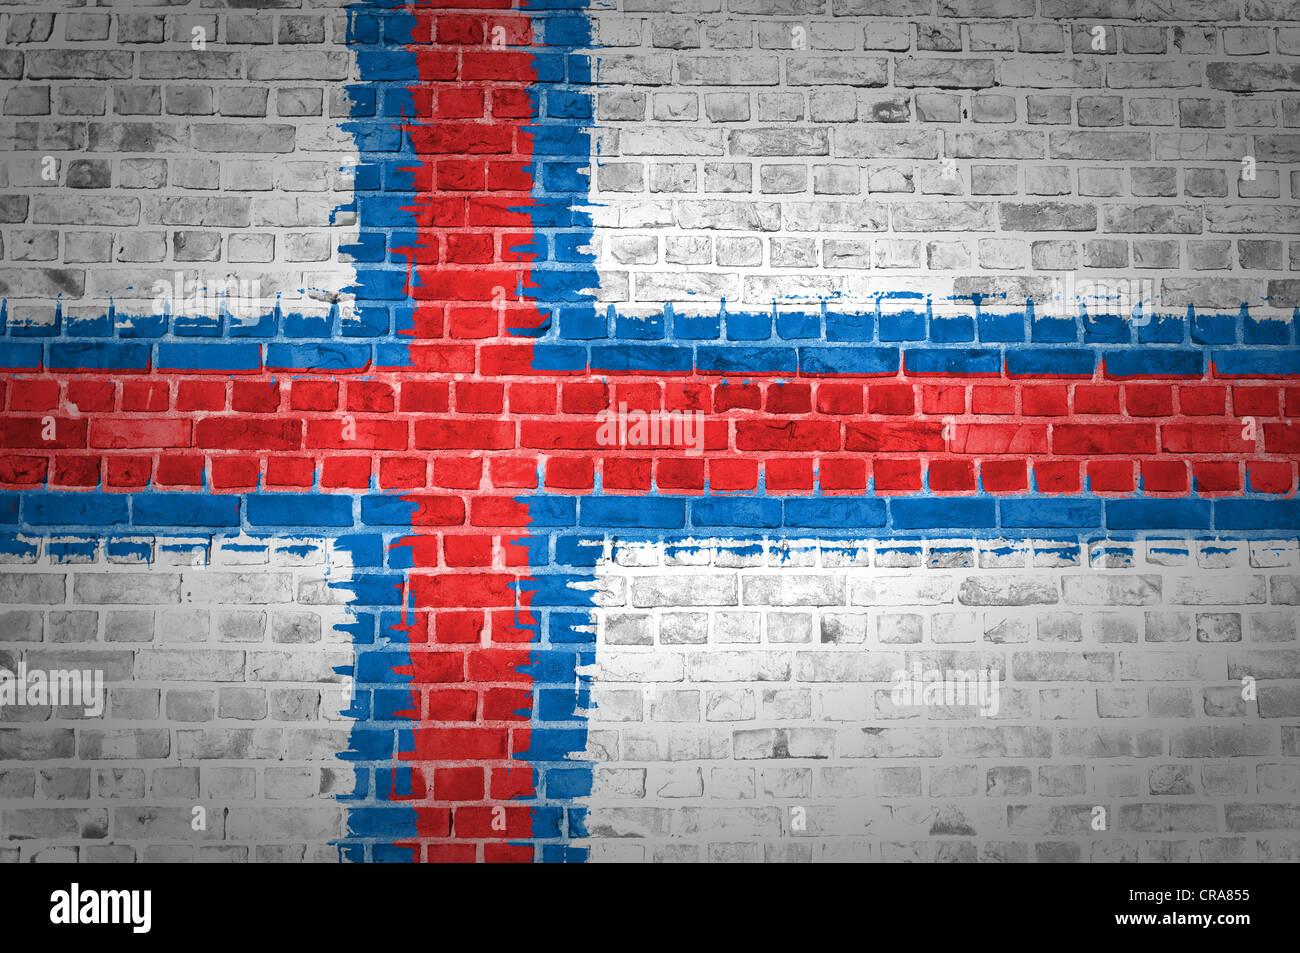 Une image des îles Féroé drapeau peint sur un mur de briques dans une localisation urbaine Photo Stock